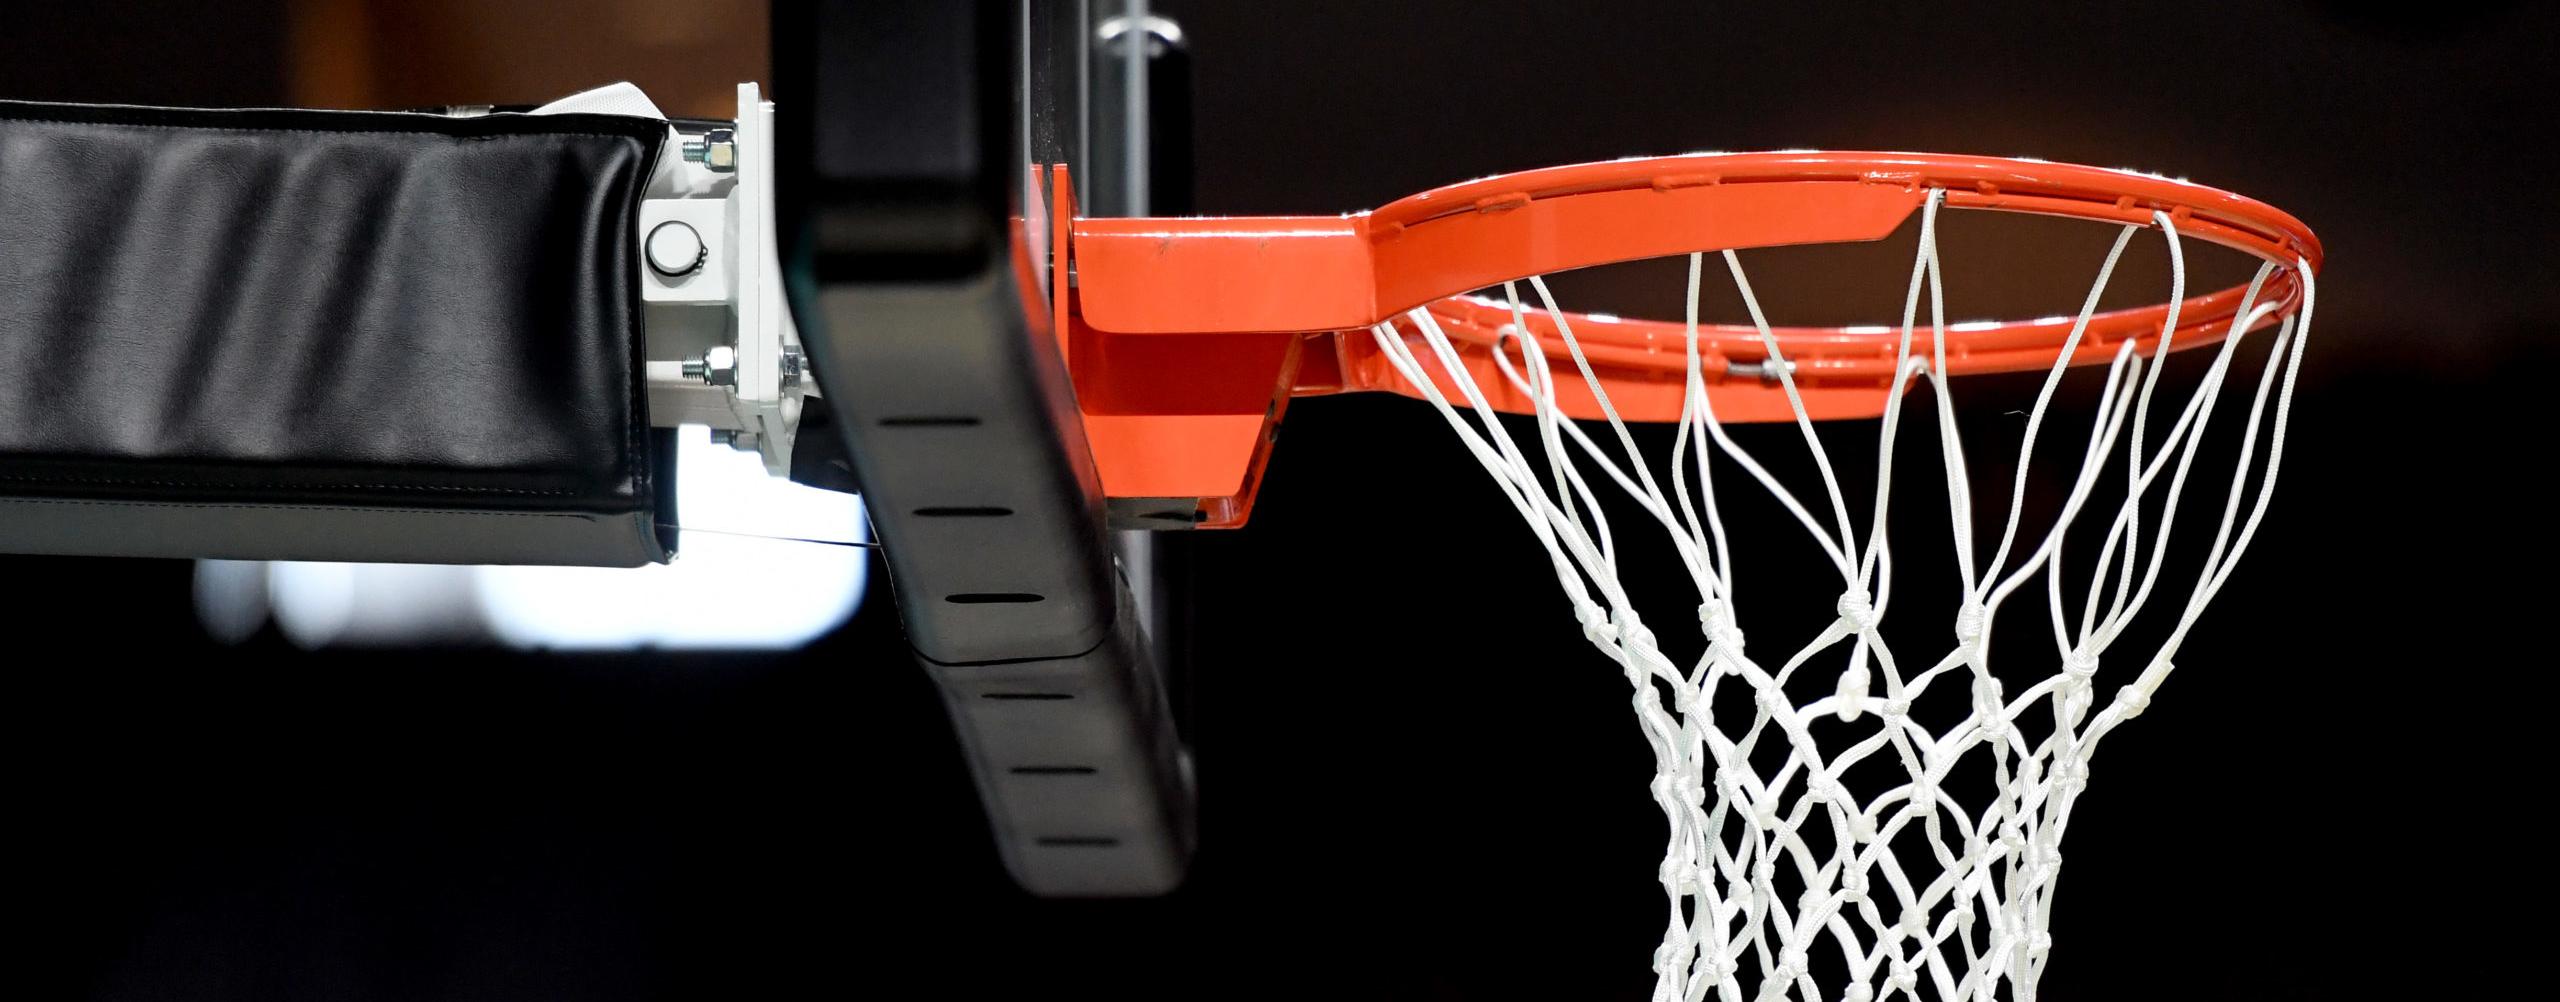 Pronostici NBA playoff: tutte le partite di oggi 22 agosto